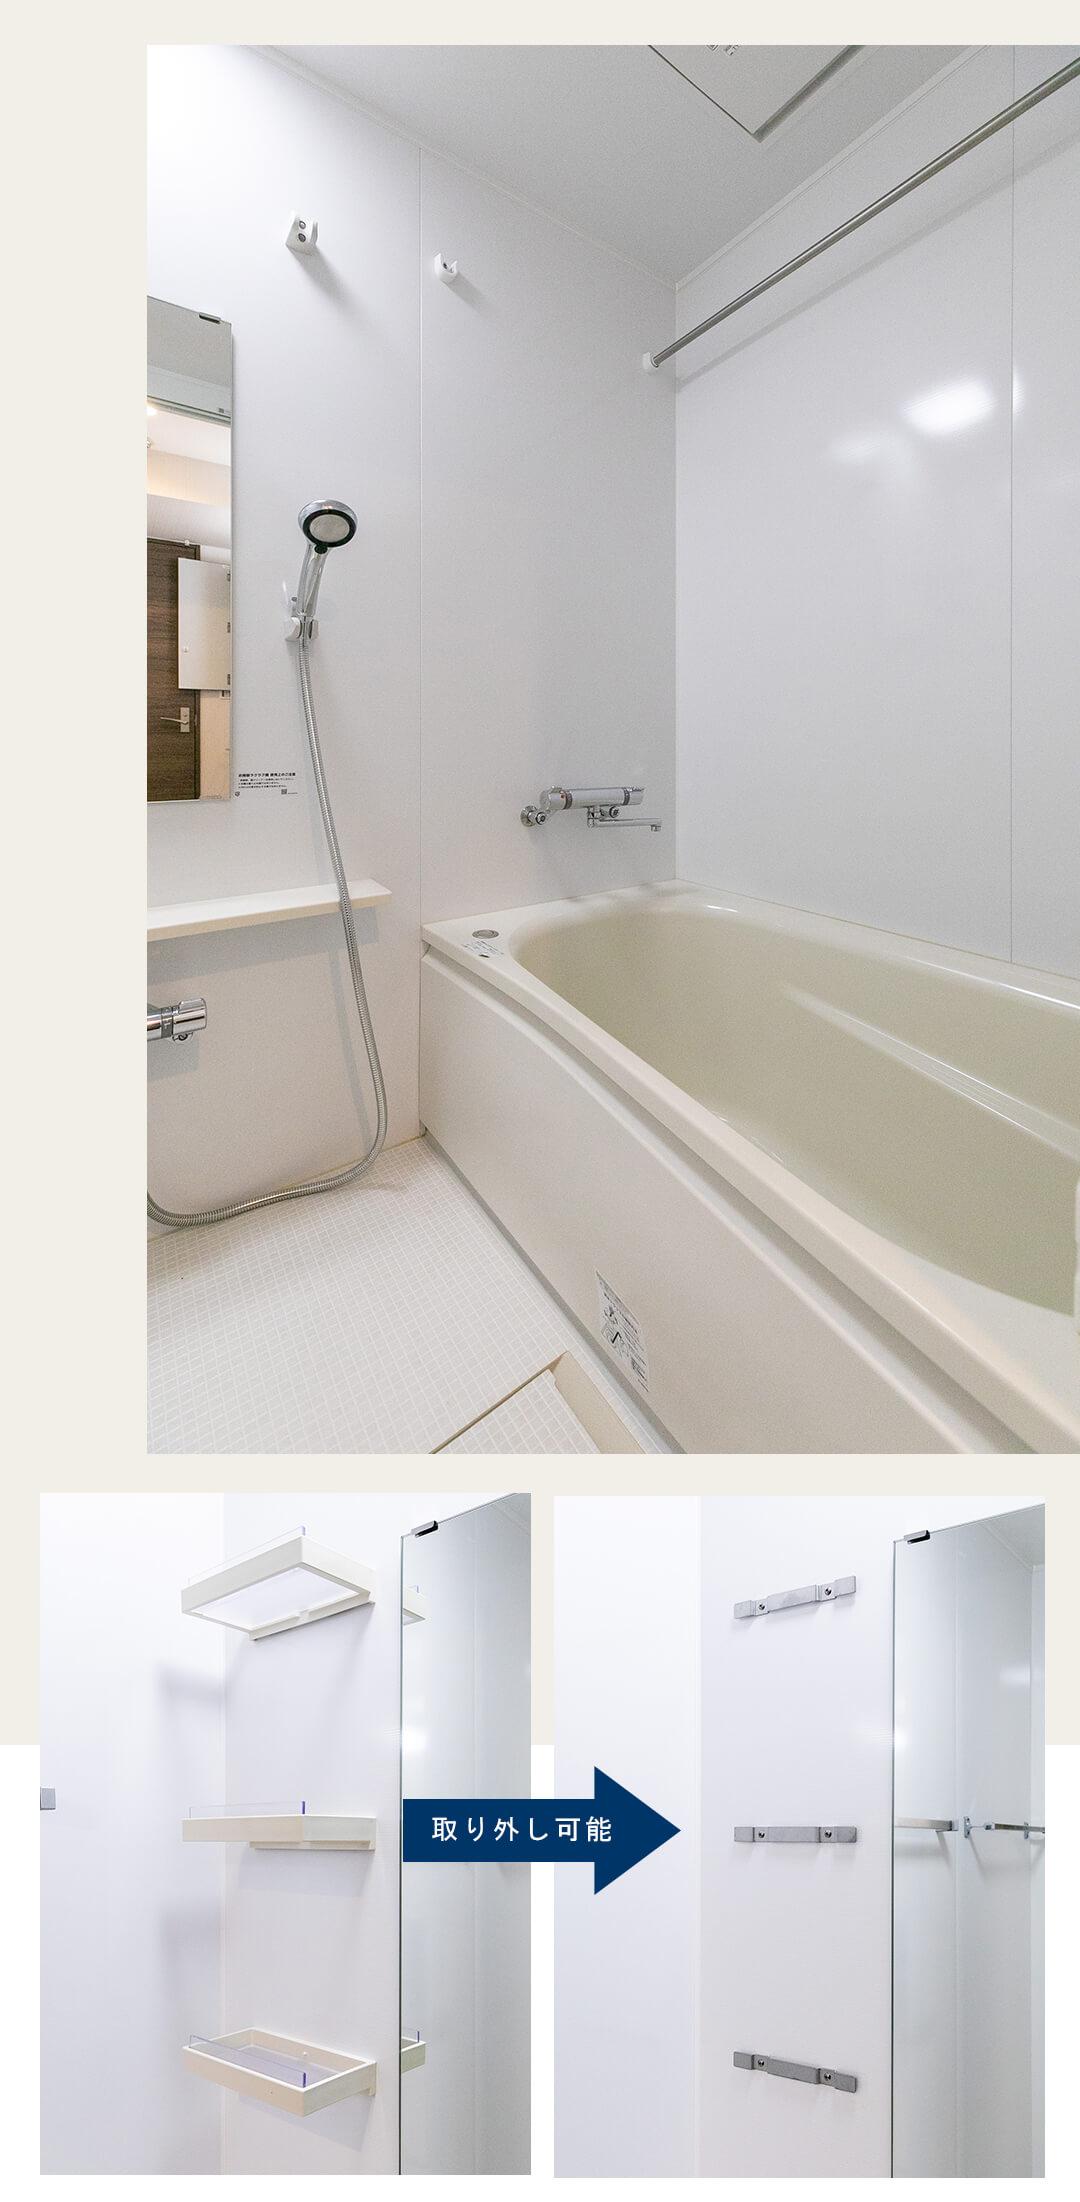 西戸山タワーホウムズノースタワー 1503の浴室